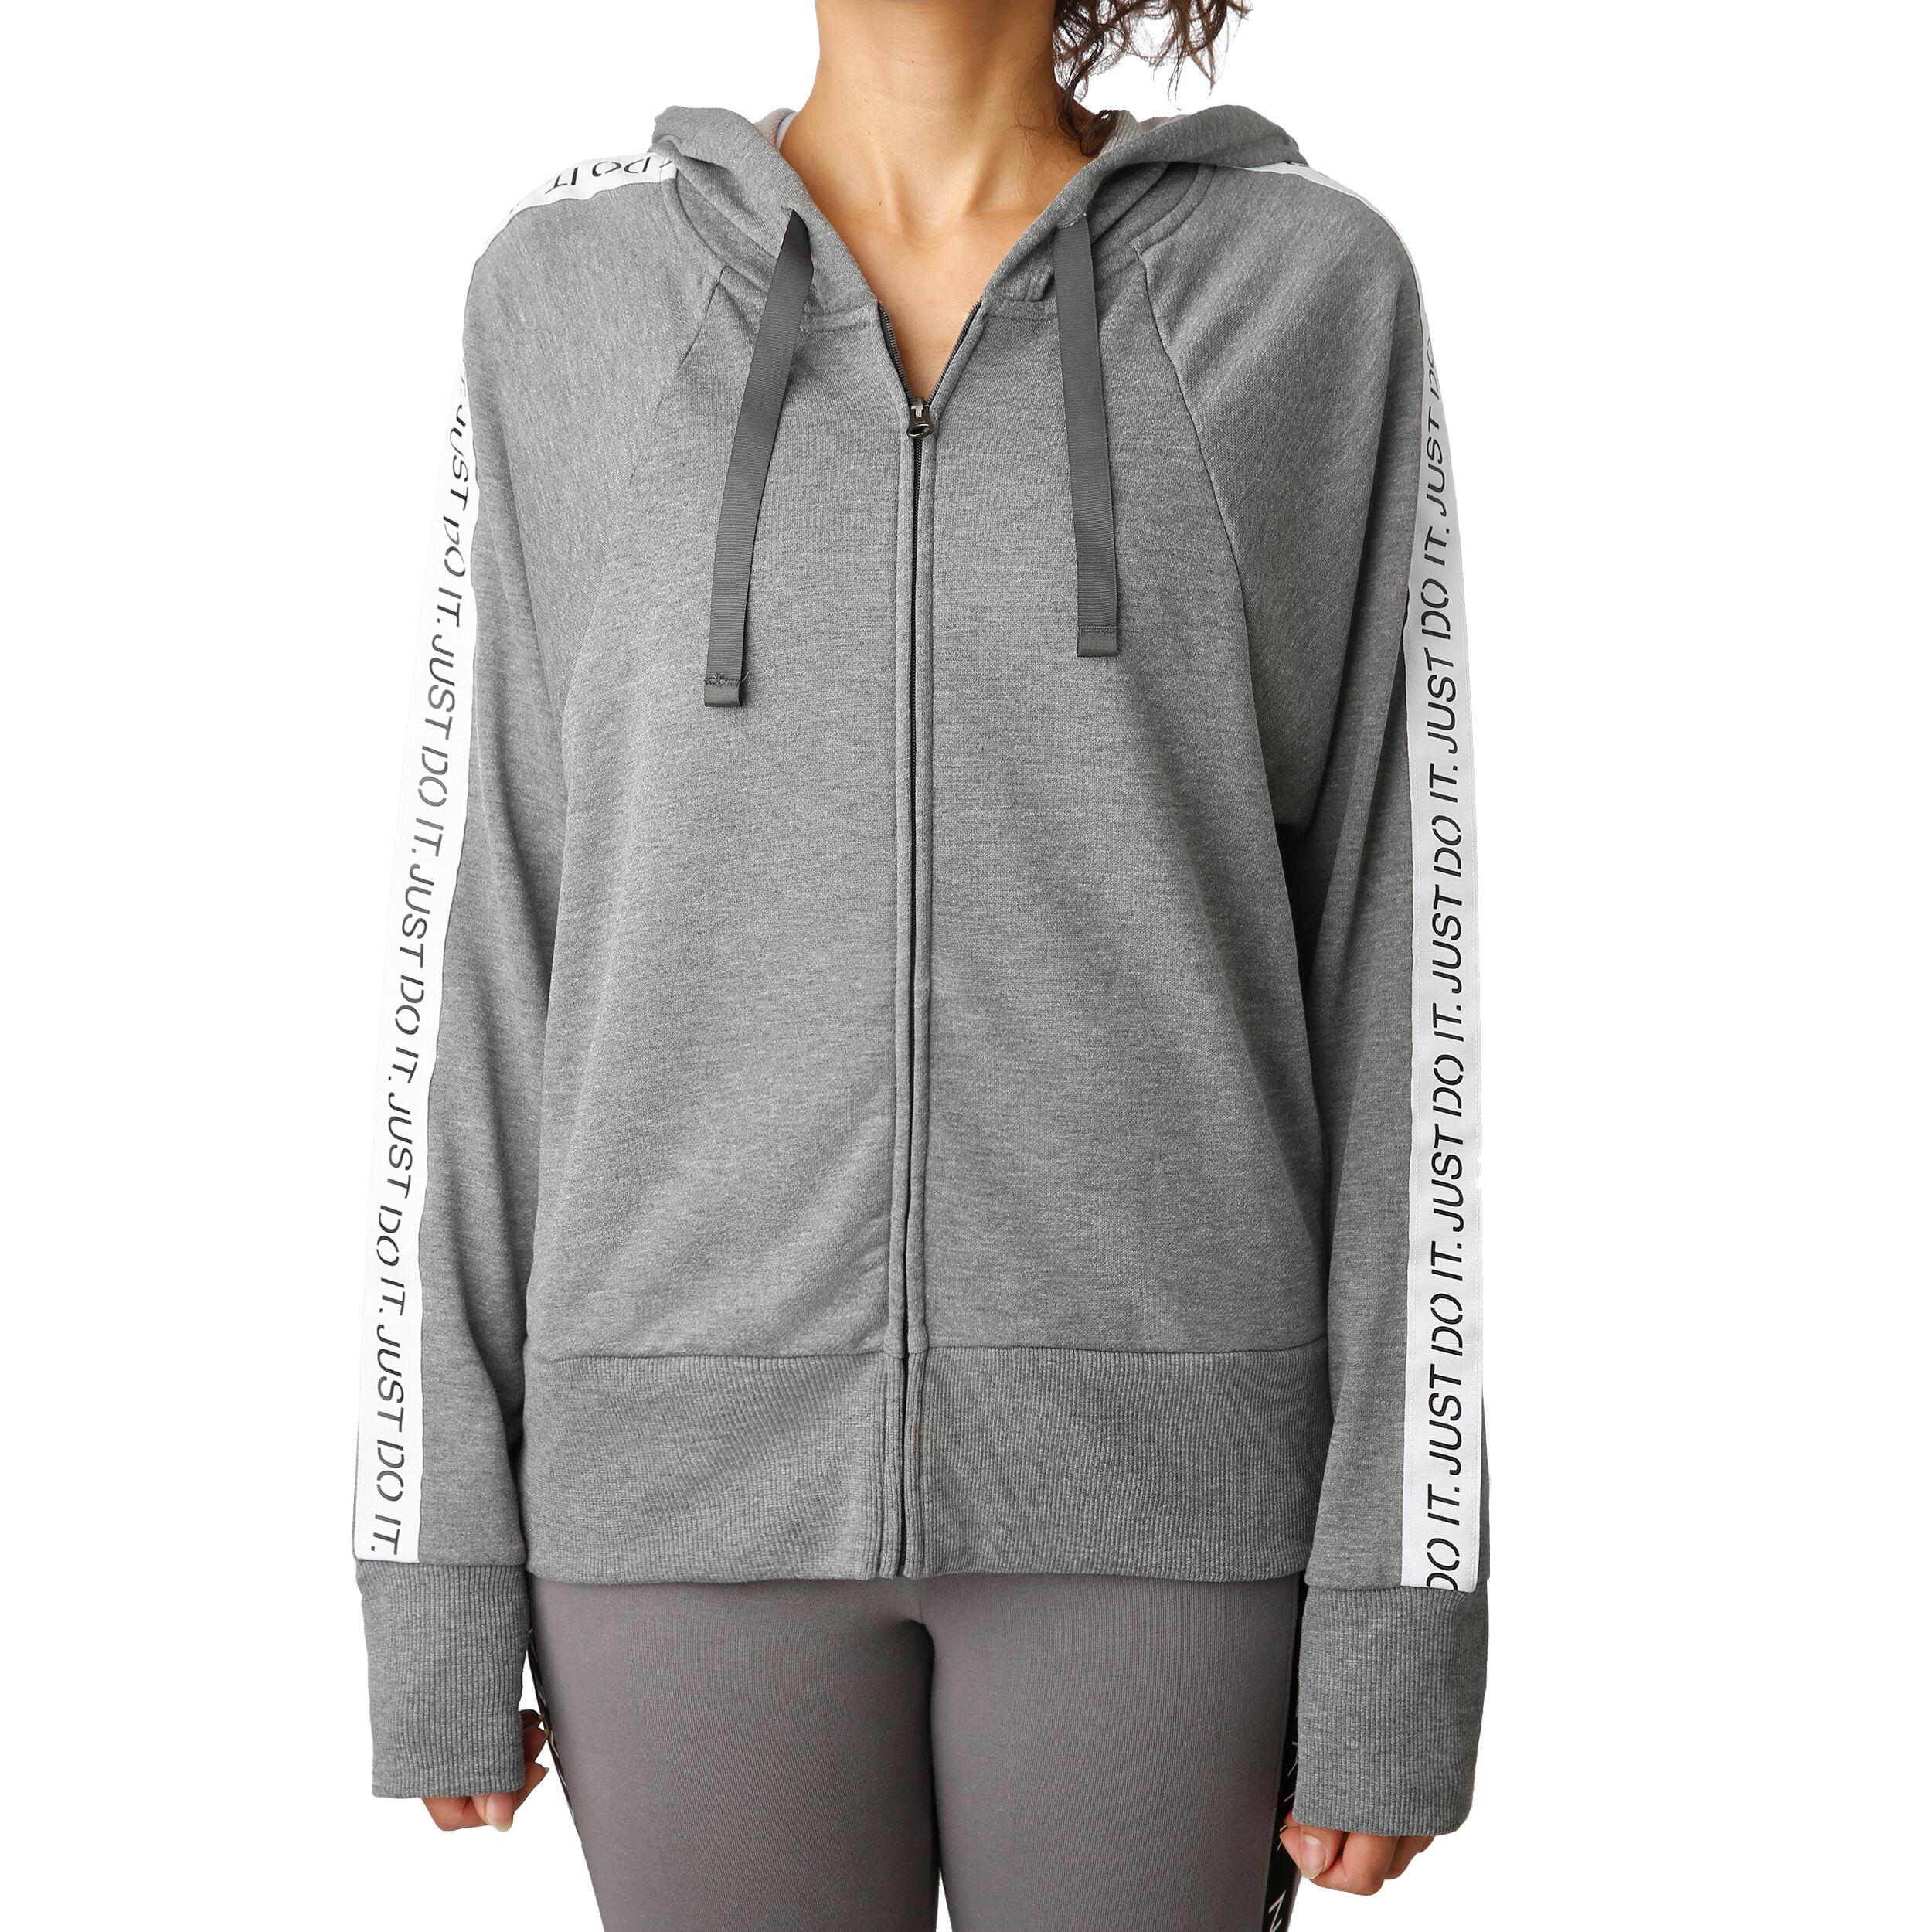 Nike Dri Fit Get Fit Fleece Damen Grau, Dunkelgrau online